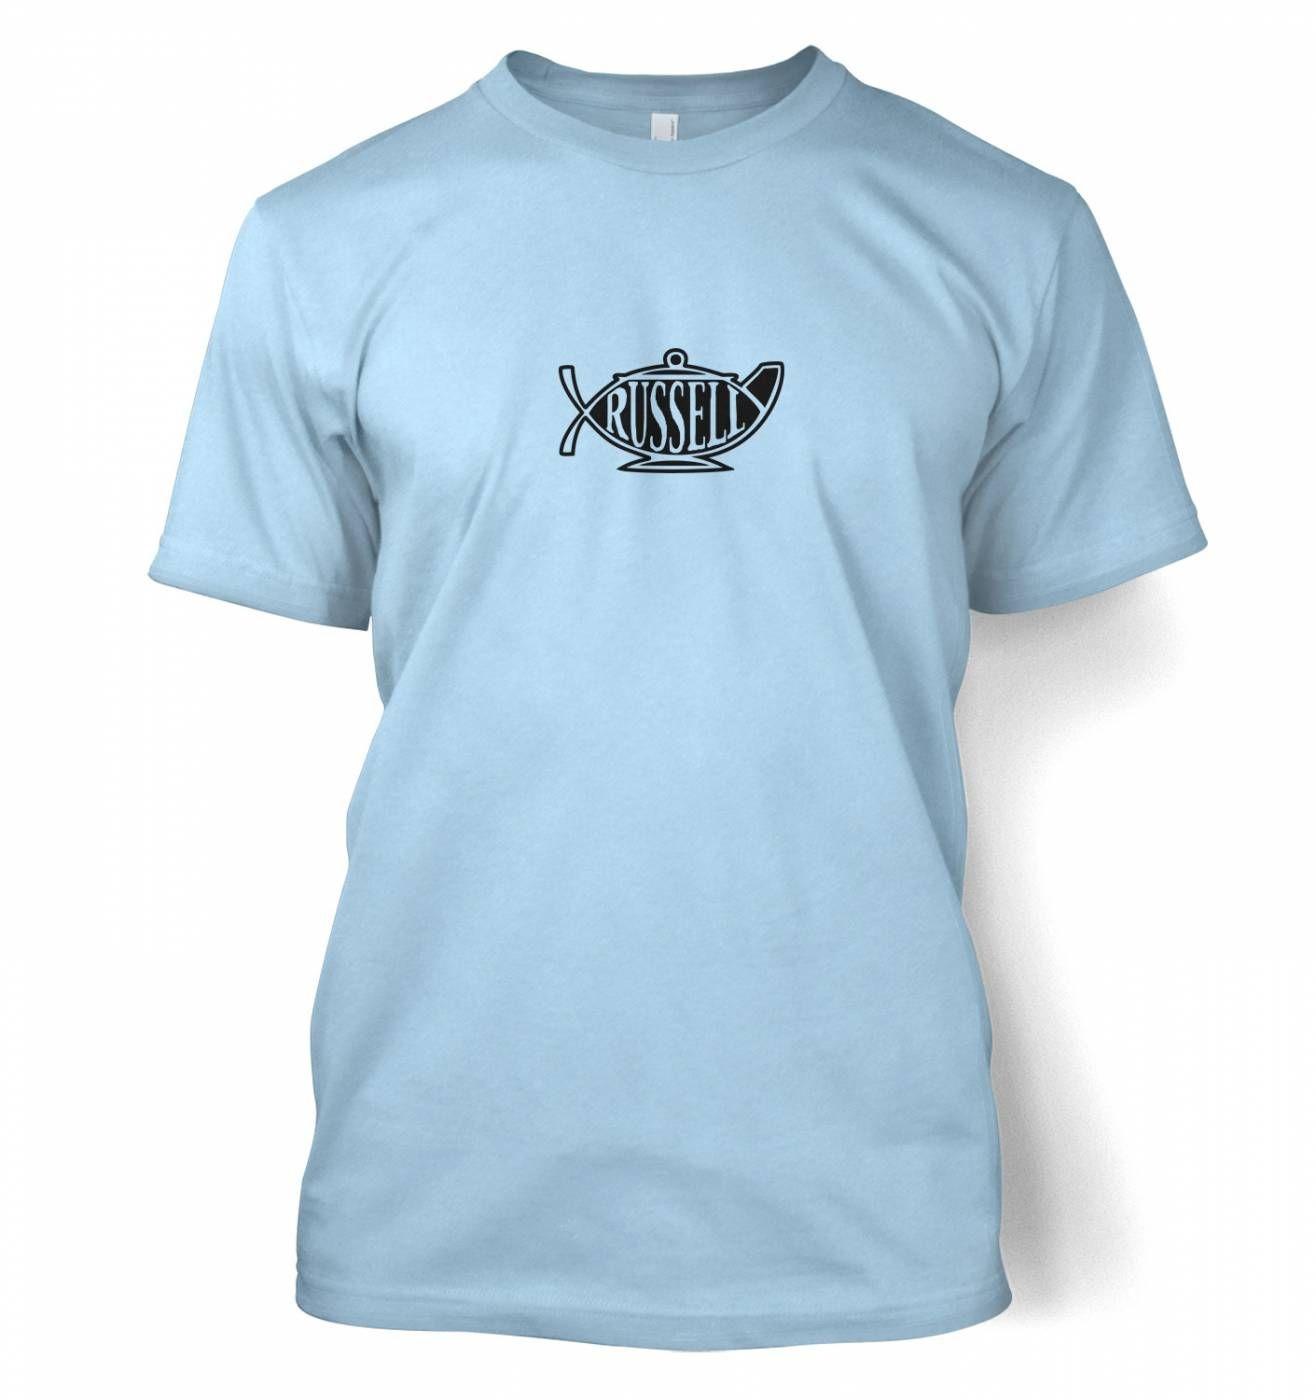 Bertrand Russell Teapot Ichthys t-shirt